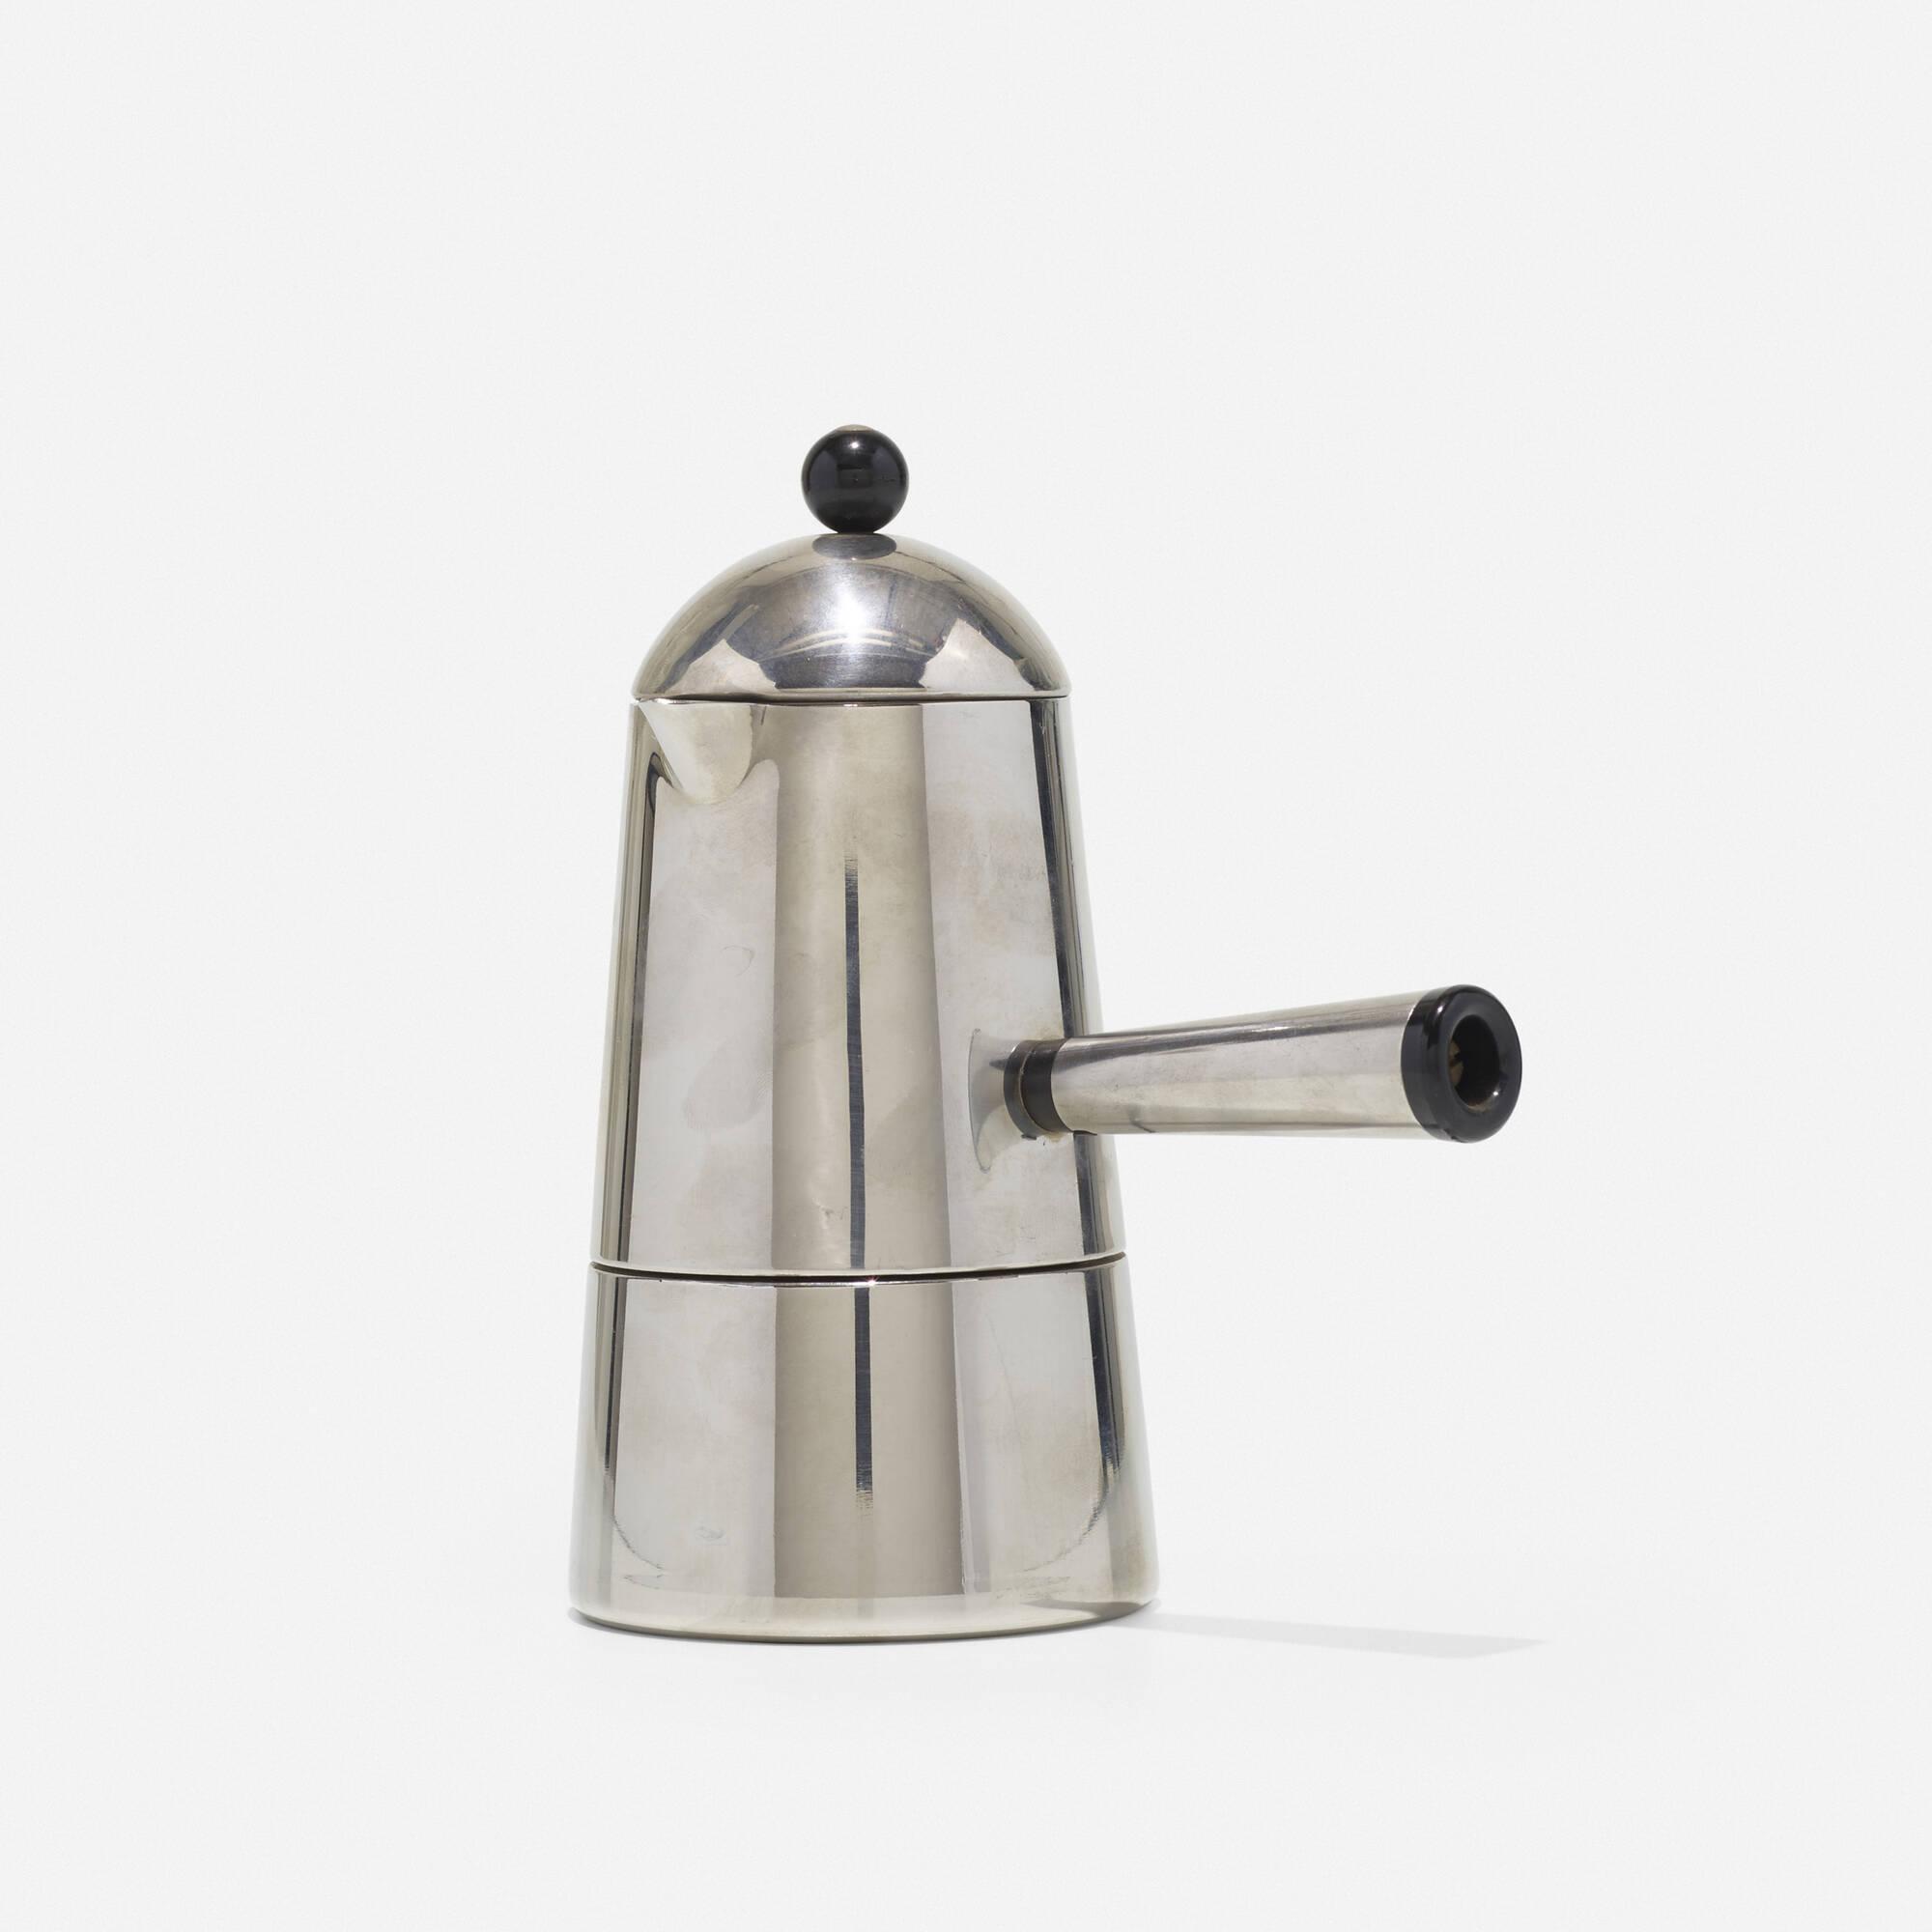 230: Marco Zanuso / Lavazza Carmencita coffee pot (2 of 2)